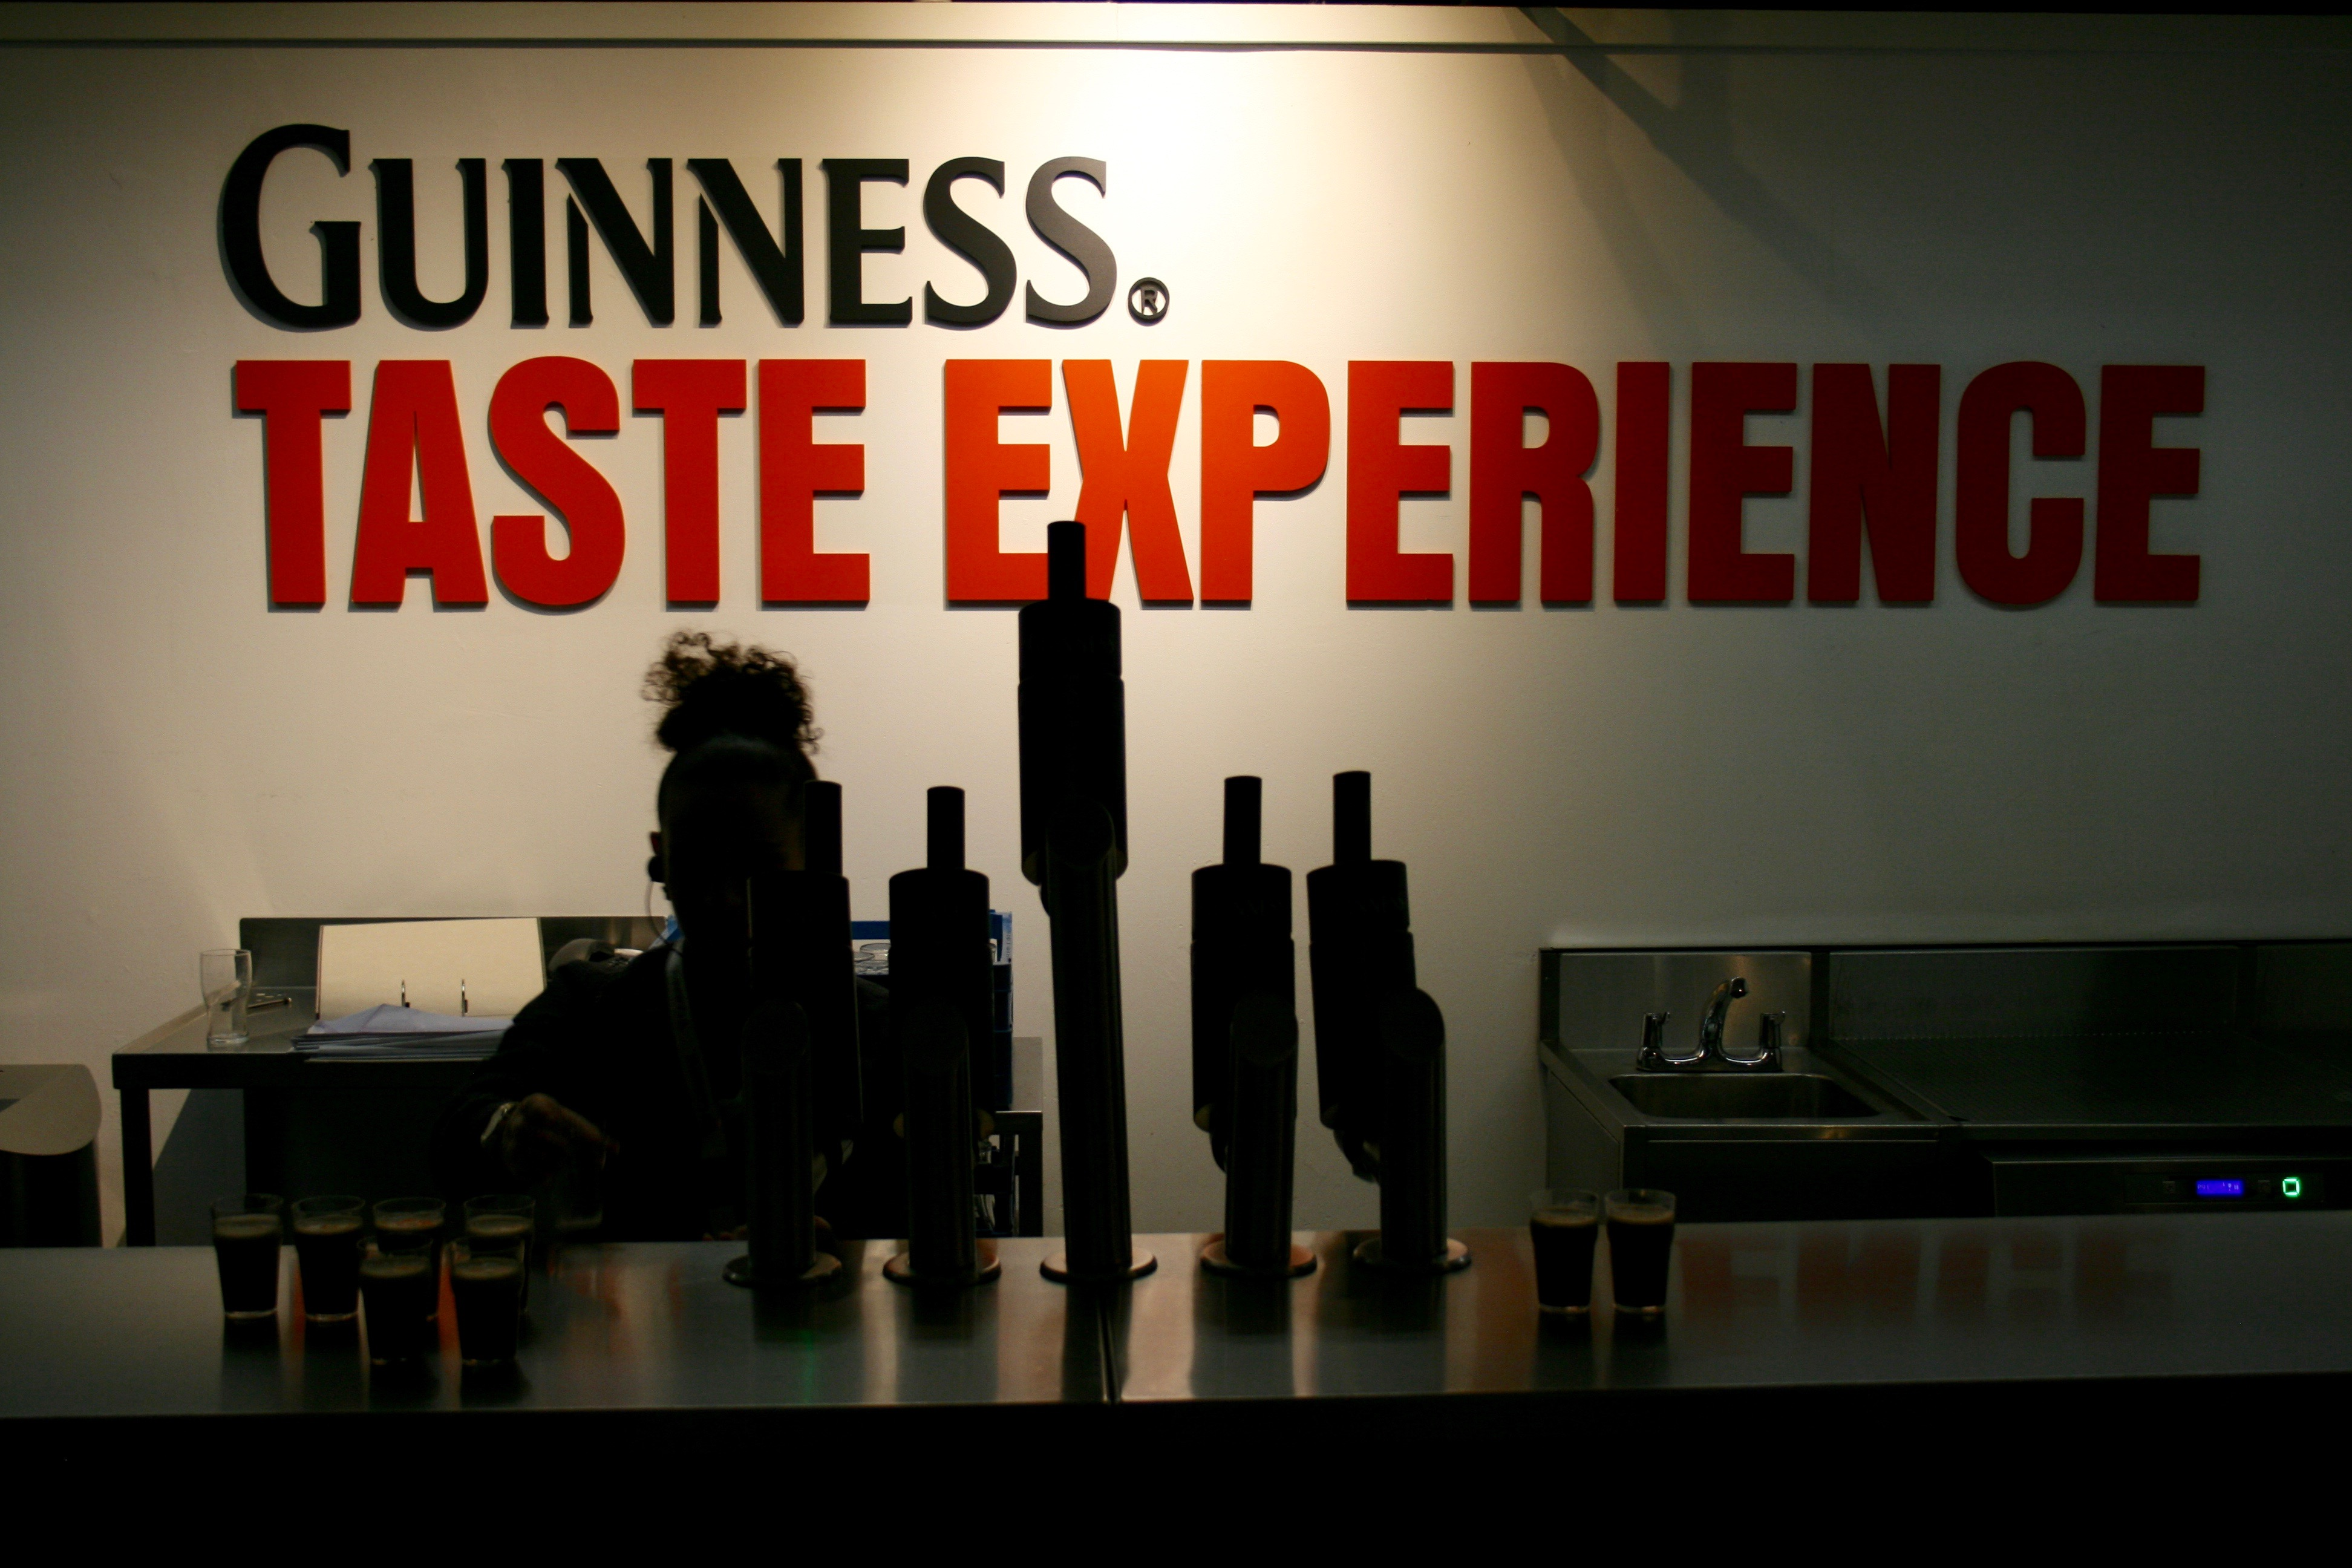 The Guinness Taste Experience inside the Guinness Storehouse.